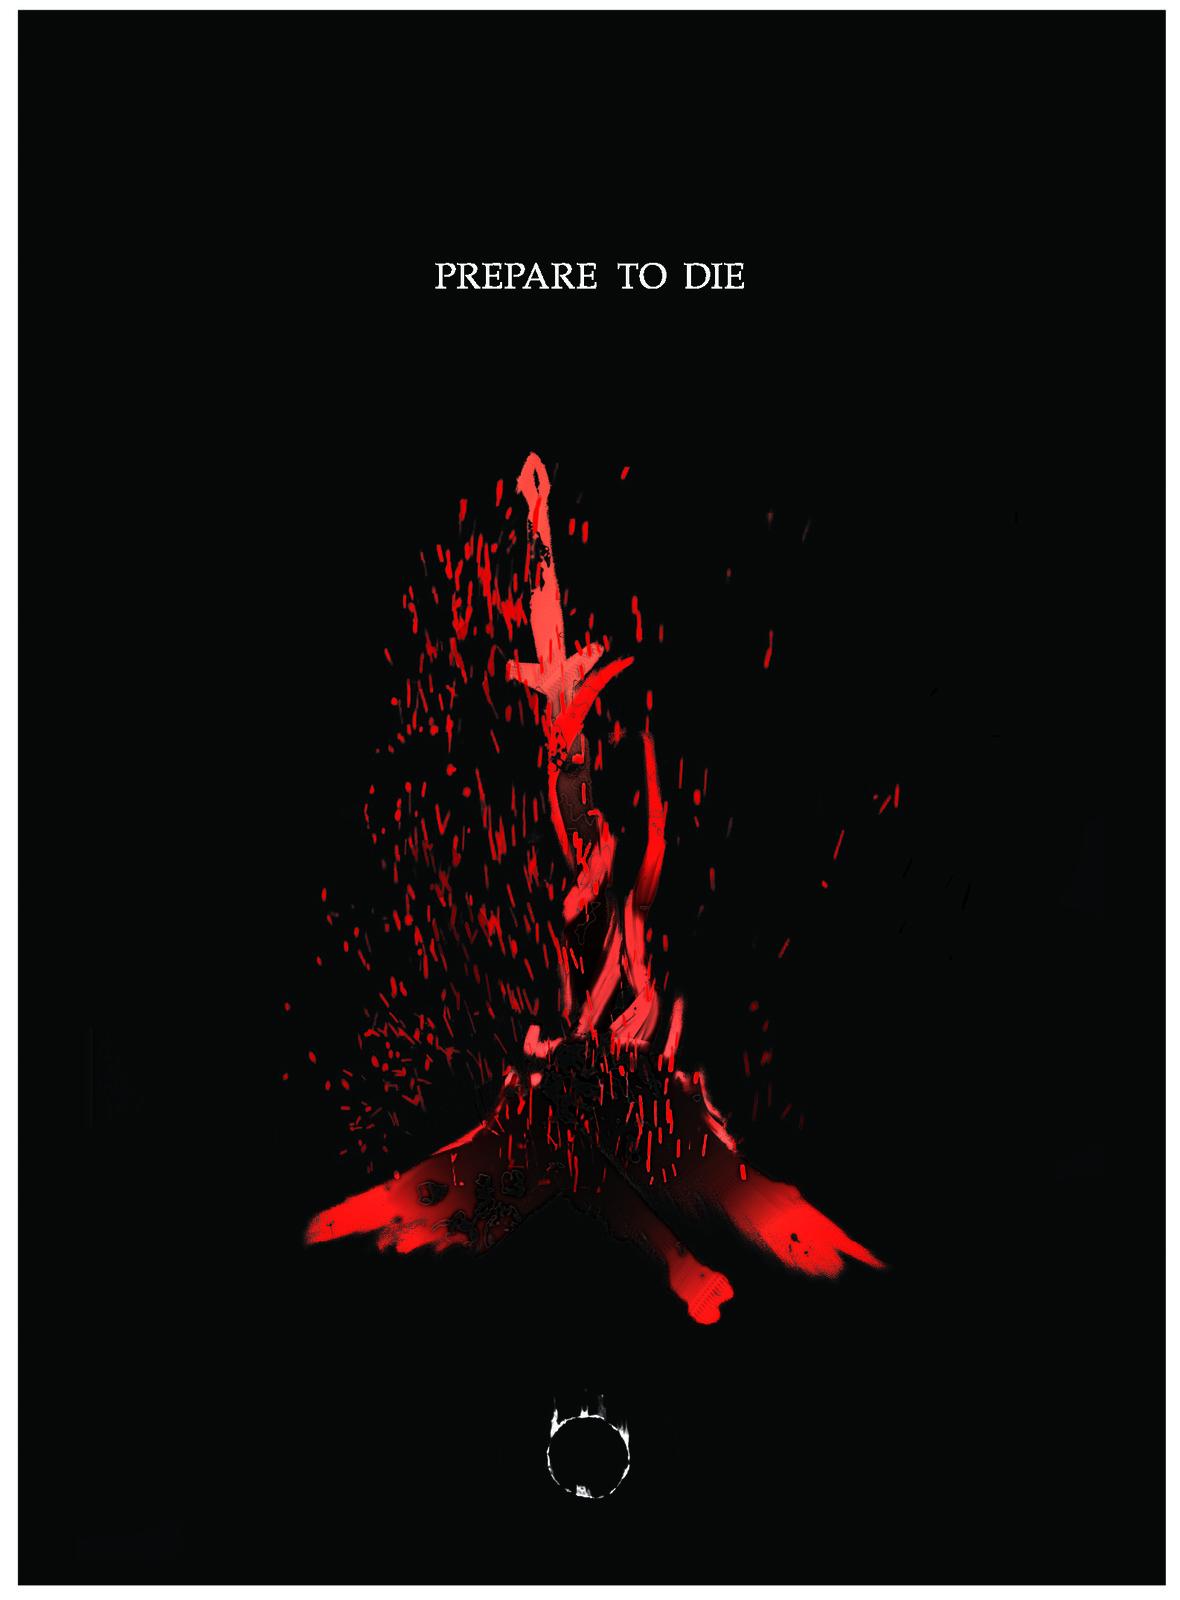 Prepare to Die - Dark Souls Poster